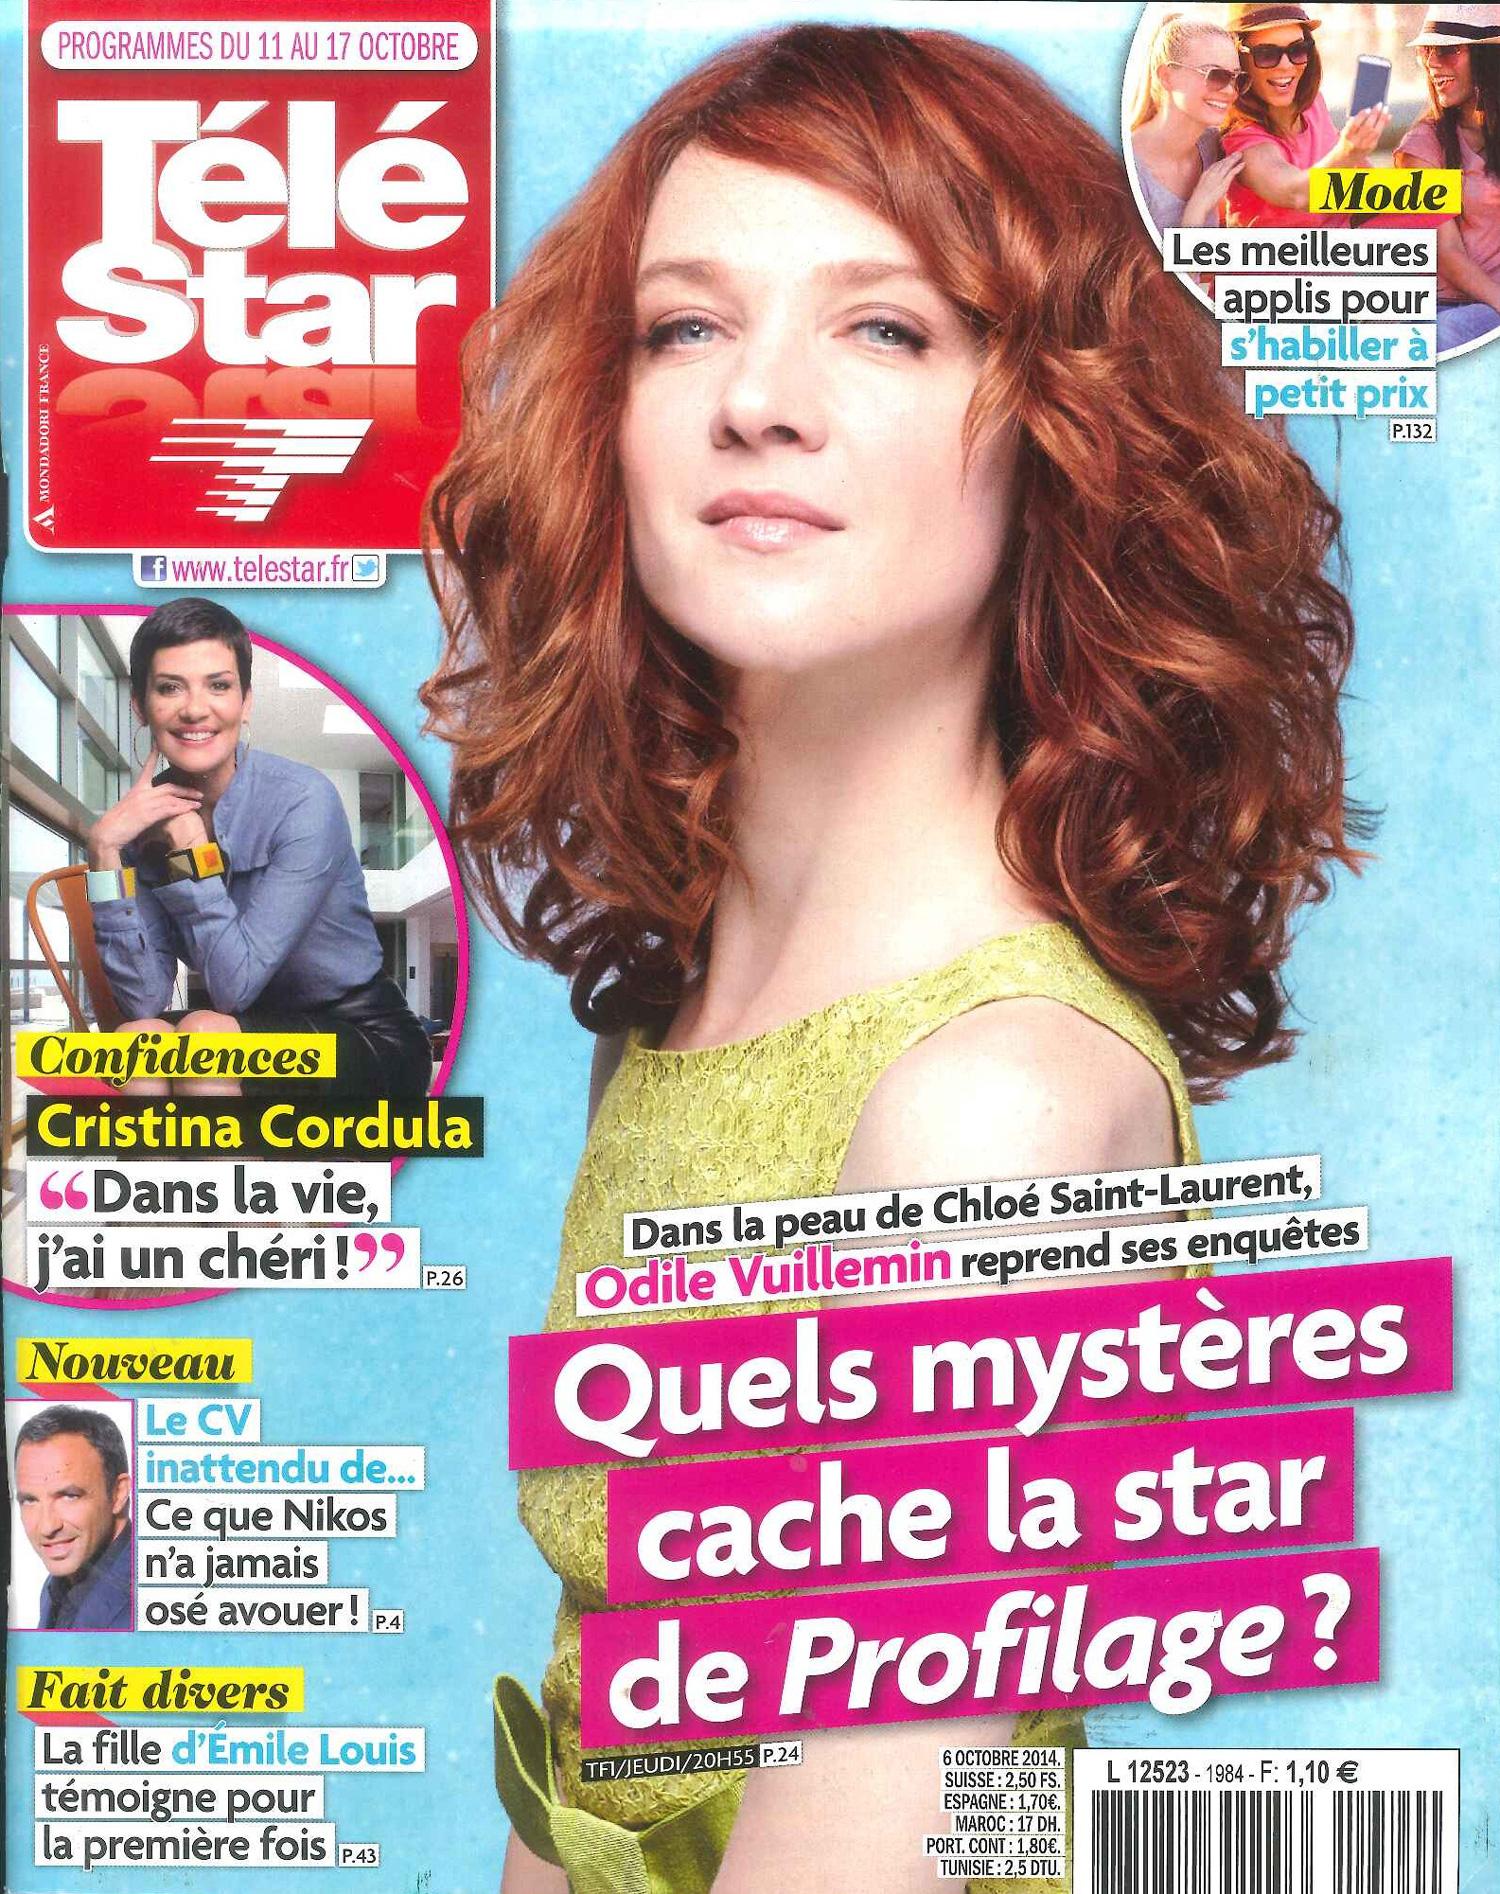 Accroche-couv-Tele-Star_web